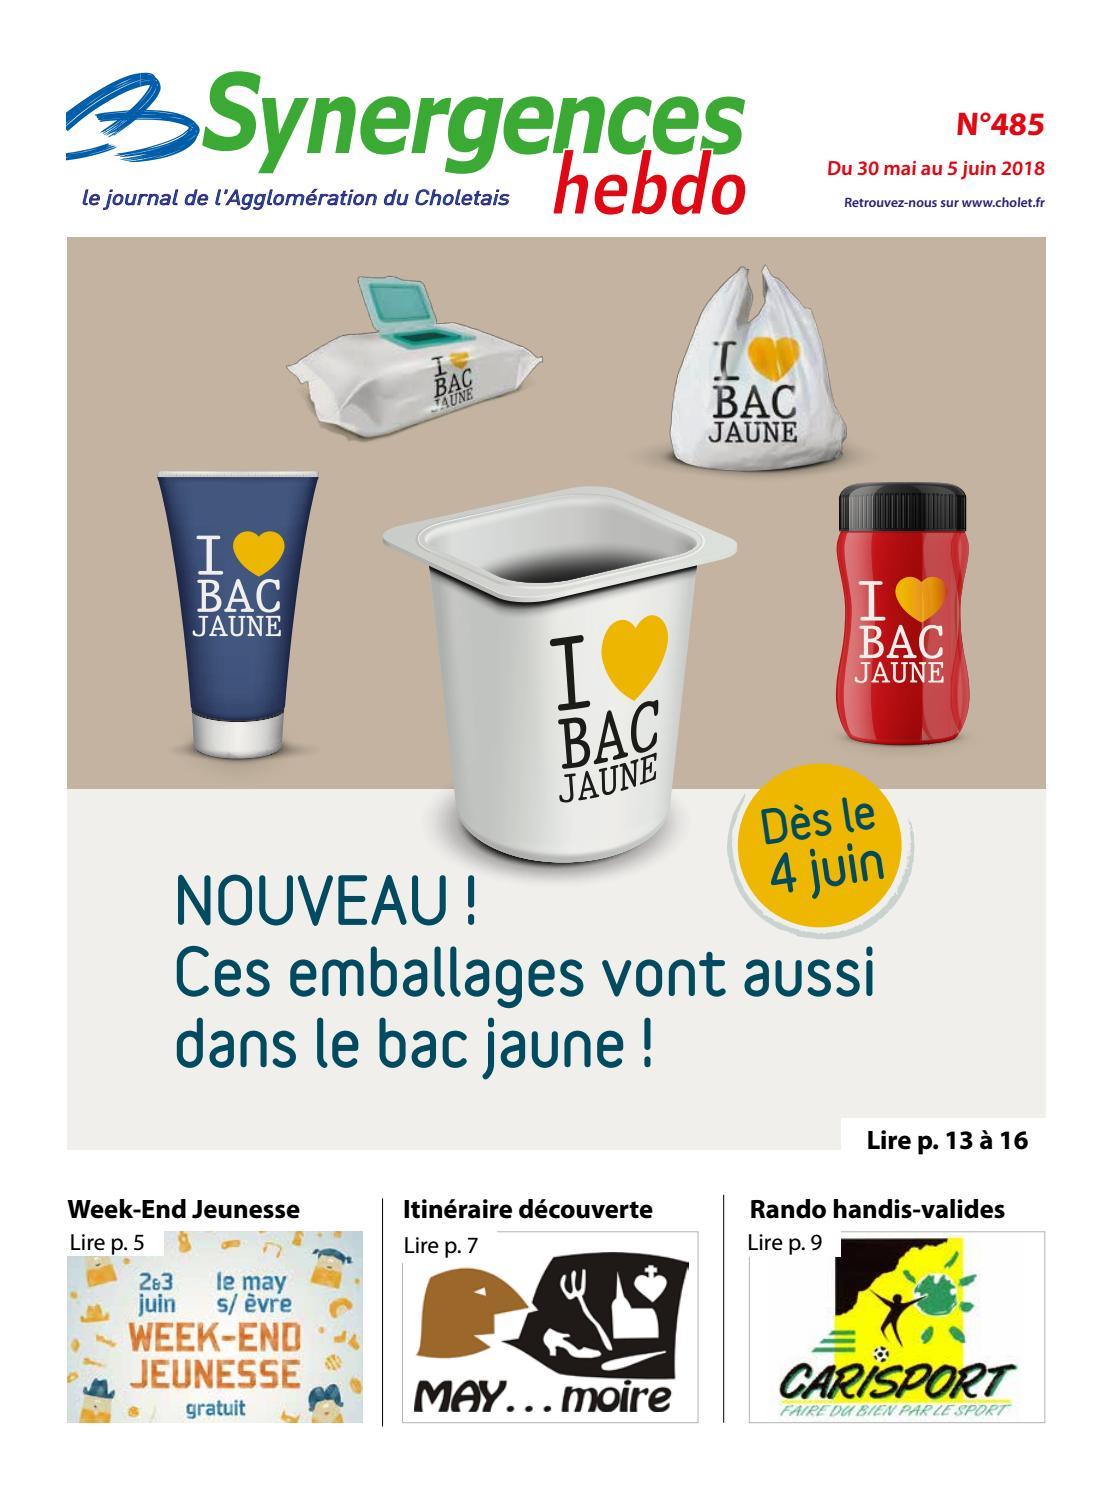 Synergences hebdo n°485 by Agglomération du Choletais - issuu 5743b832d28